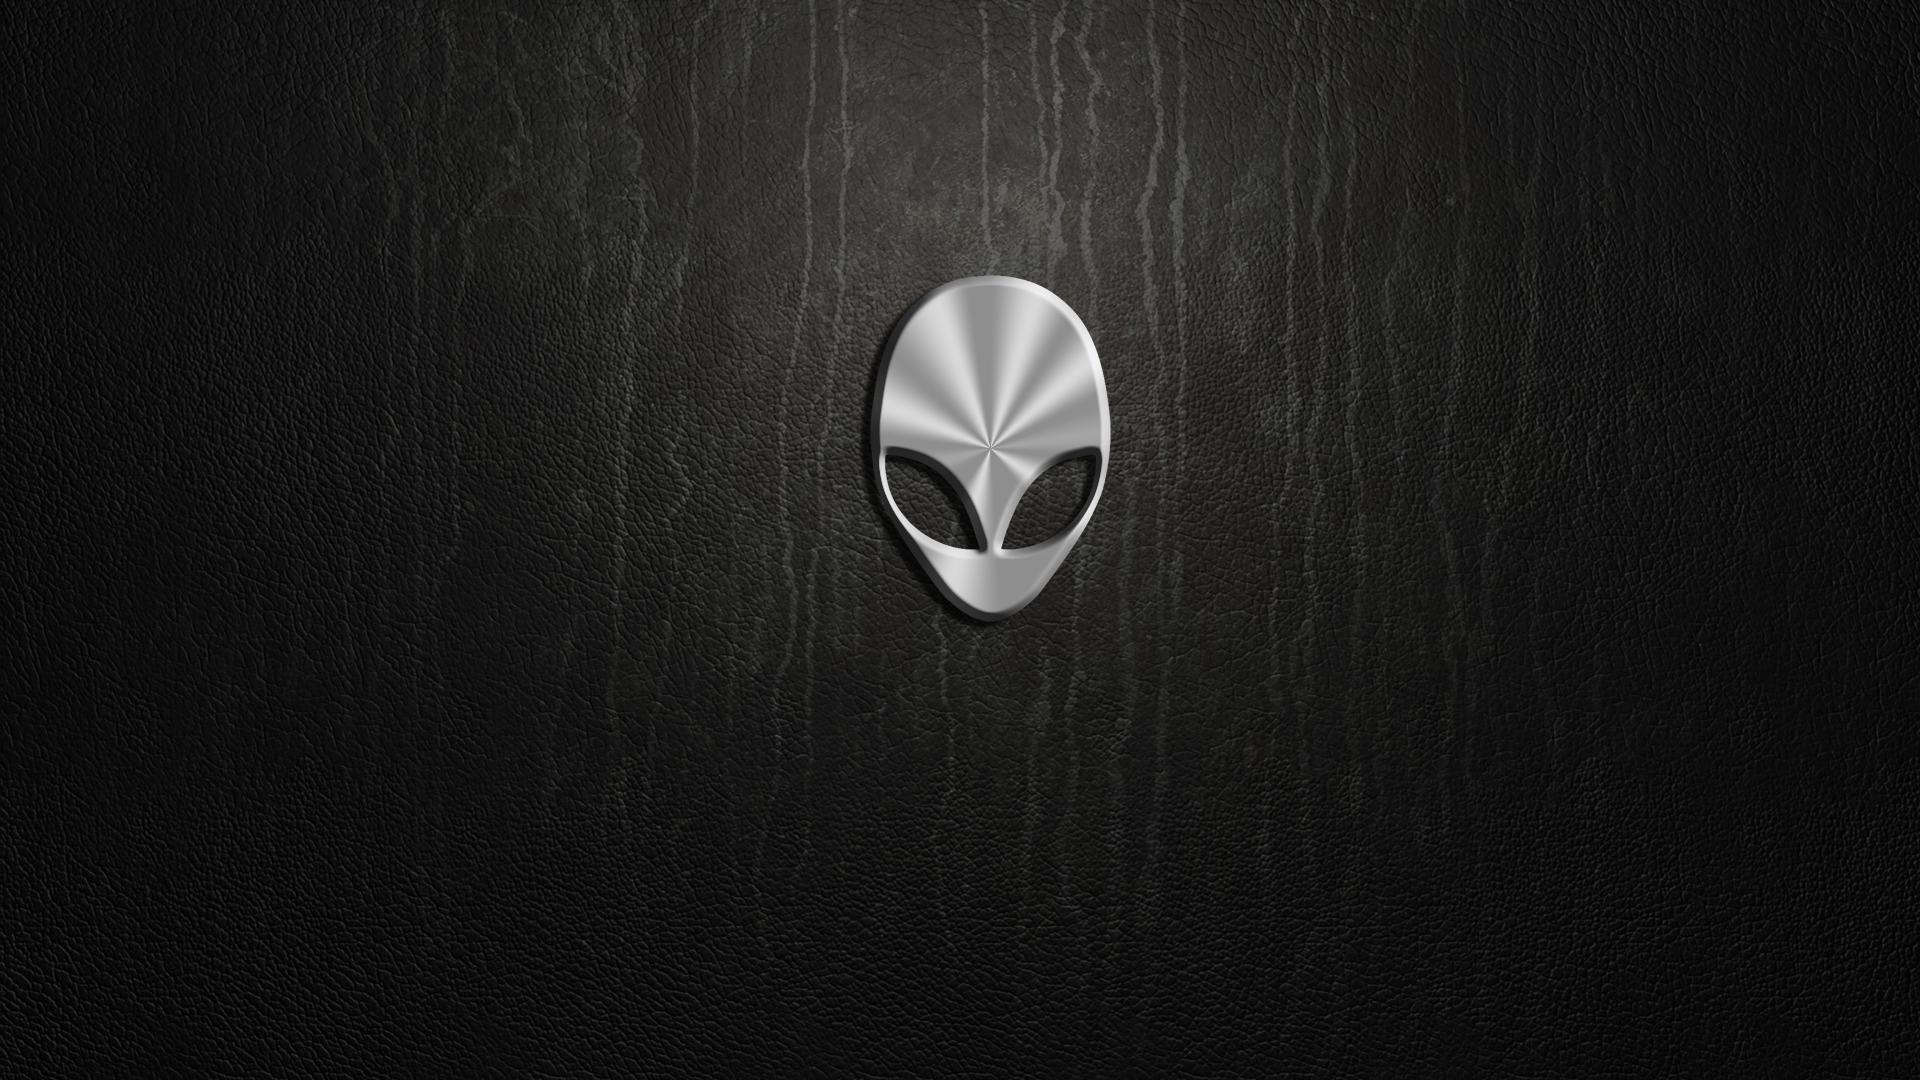 Https1wallswallpapers20151024alienware wallpaper alienware voltagebd Gallery